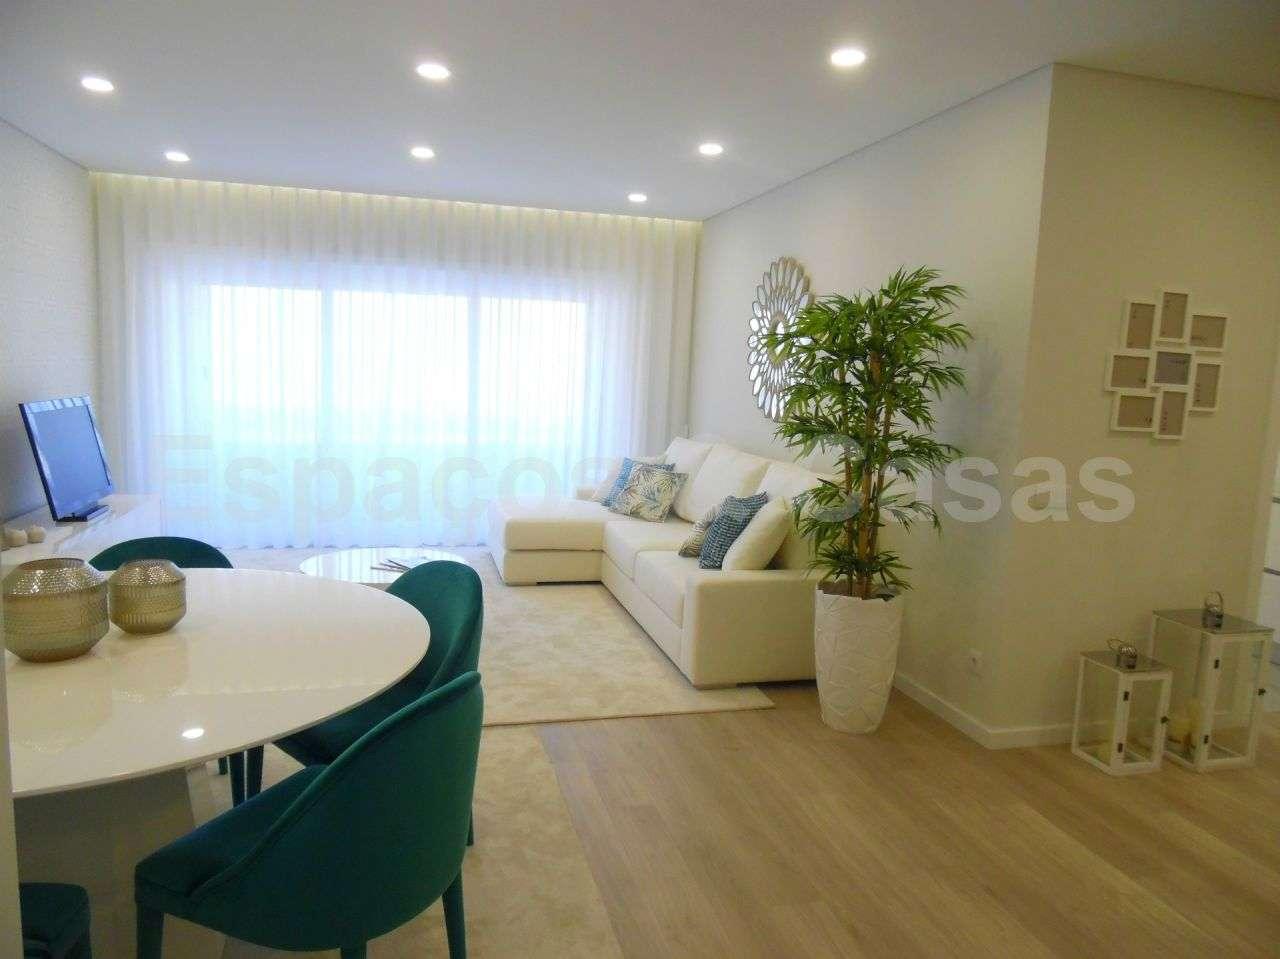 Apartamento para comprar, Tavarede, Figueira da Foz, Coimbra - Foto 1